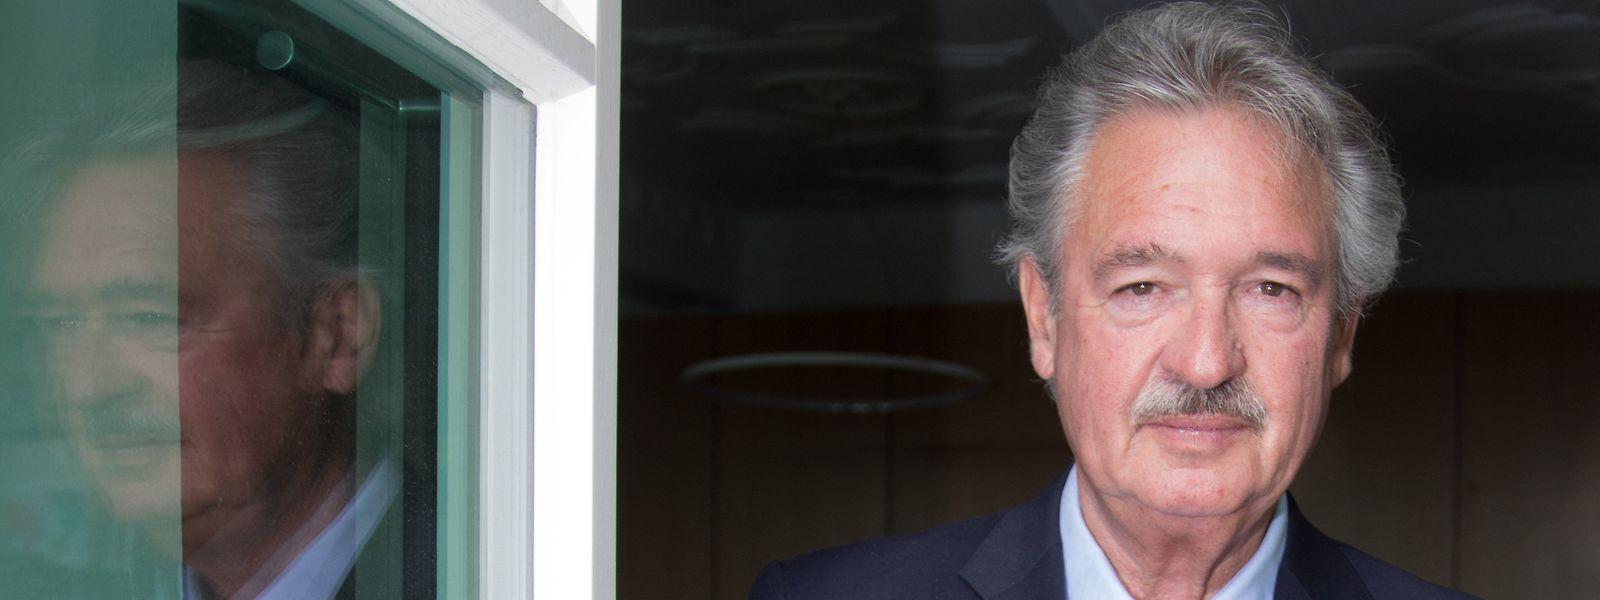 Jean Asselborn, Minister für auswärtige und europäische Angelegenheiten.